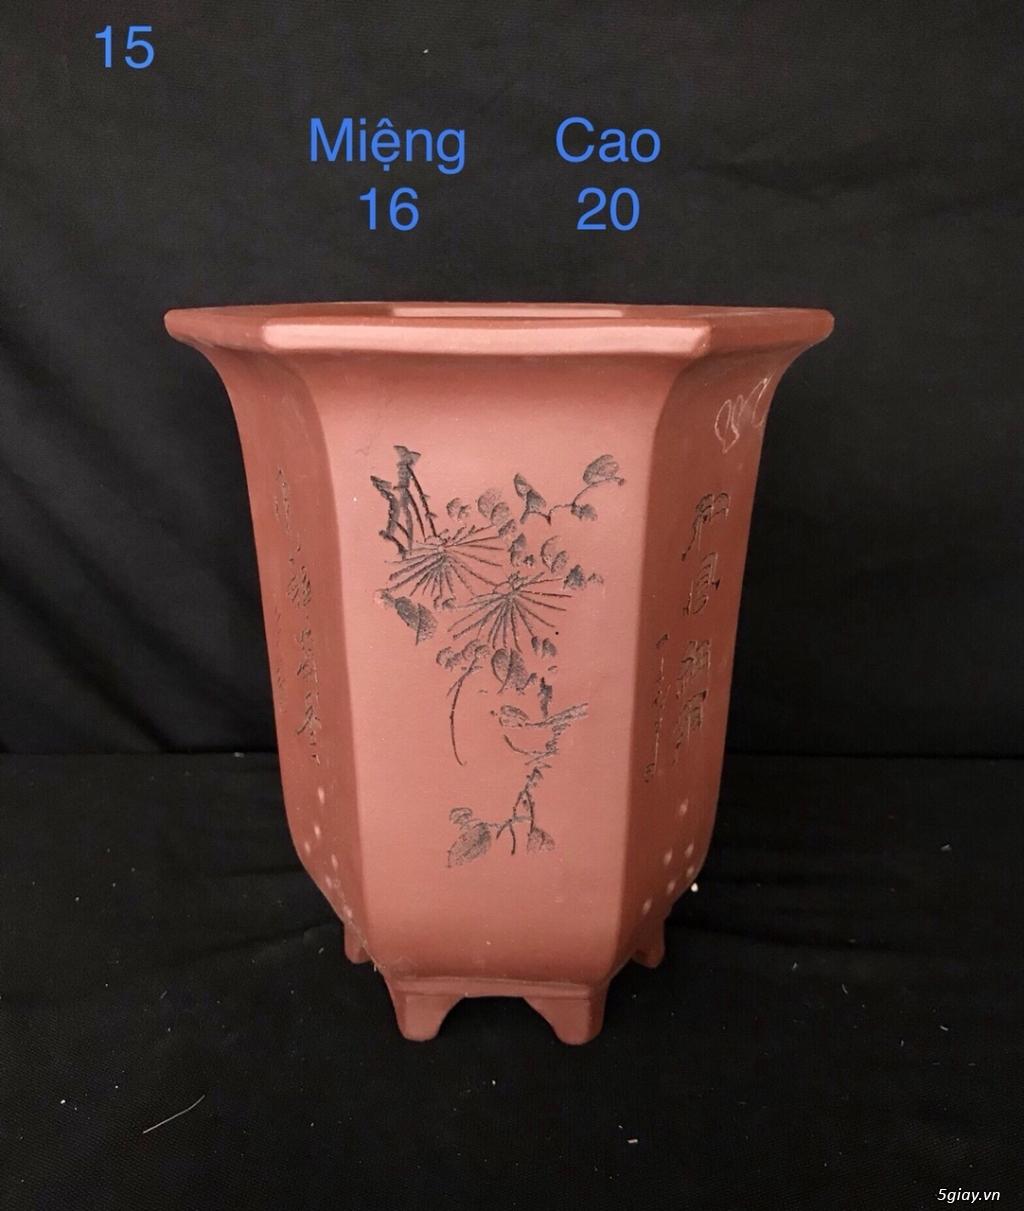 Chậu cây bonsai nhập khẩu, đẹp, có giá sỉ và lẻ cho a/e, 0962118575 - 12